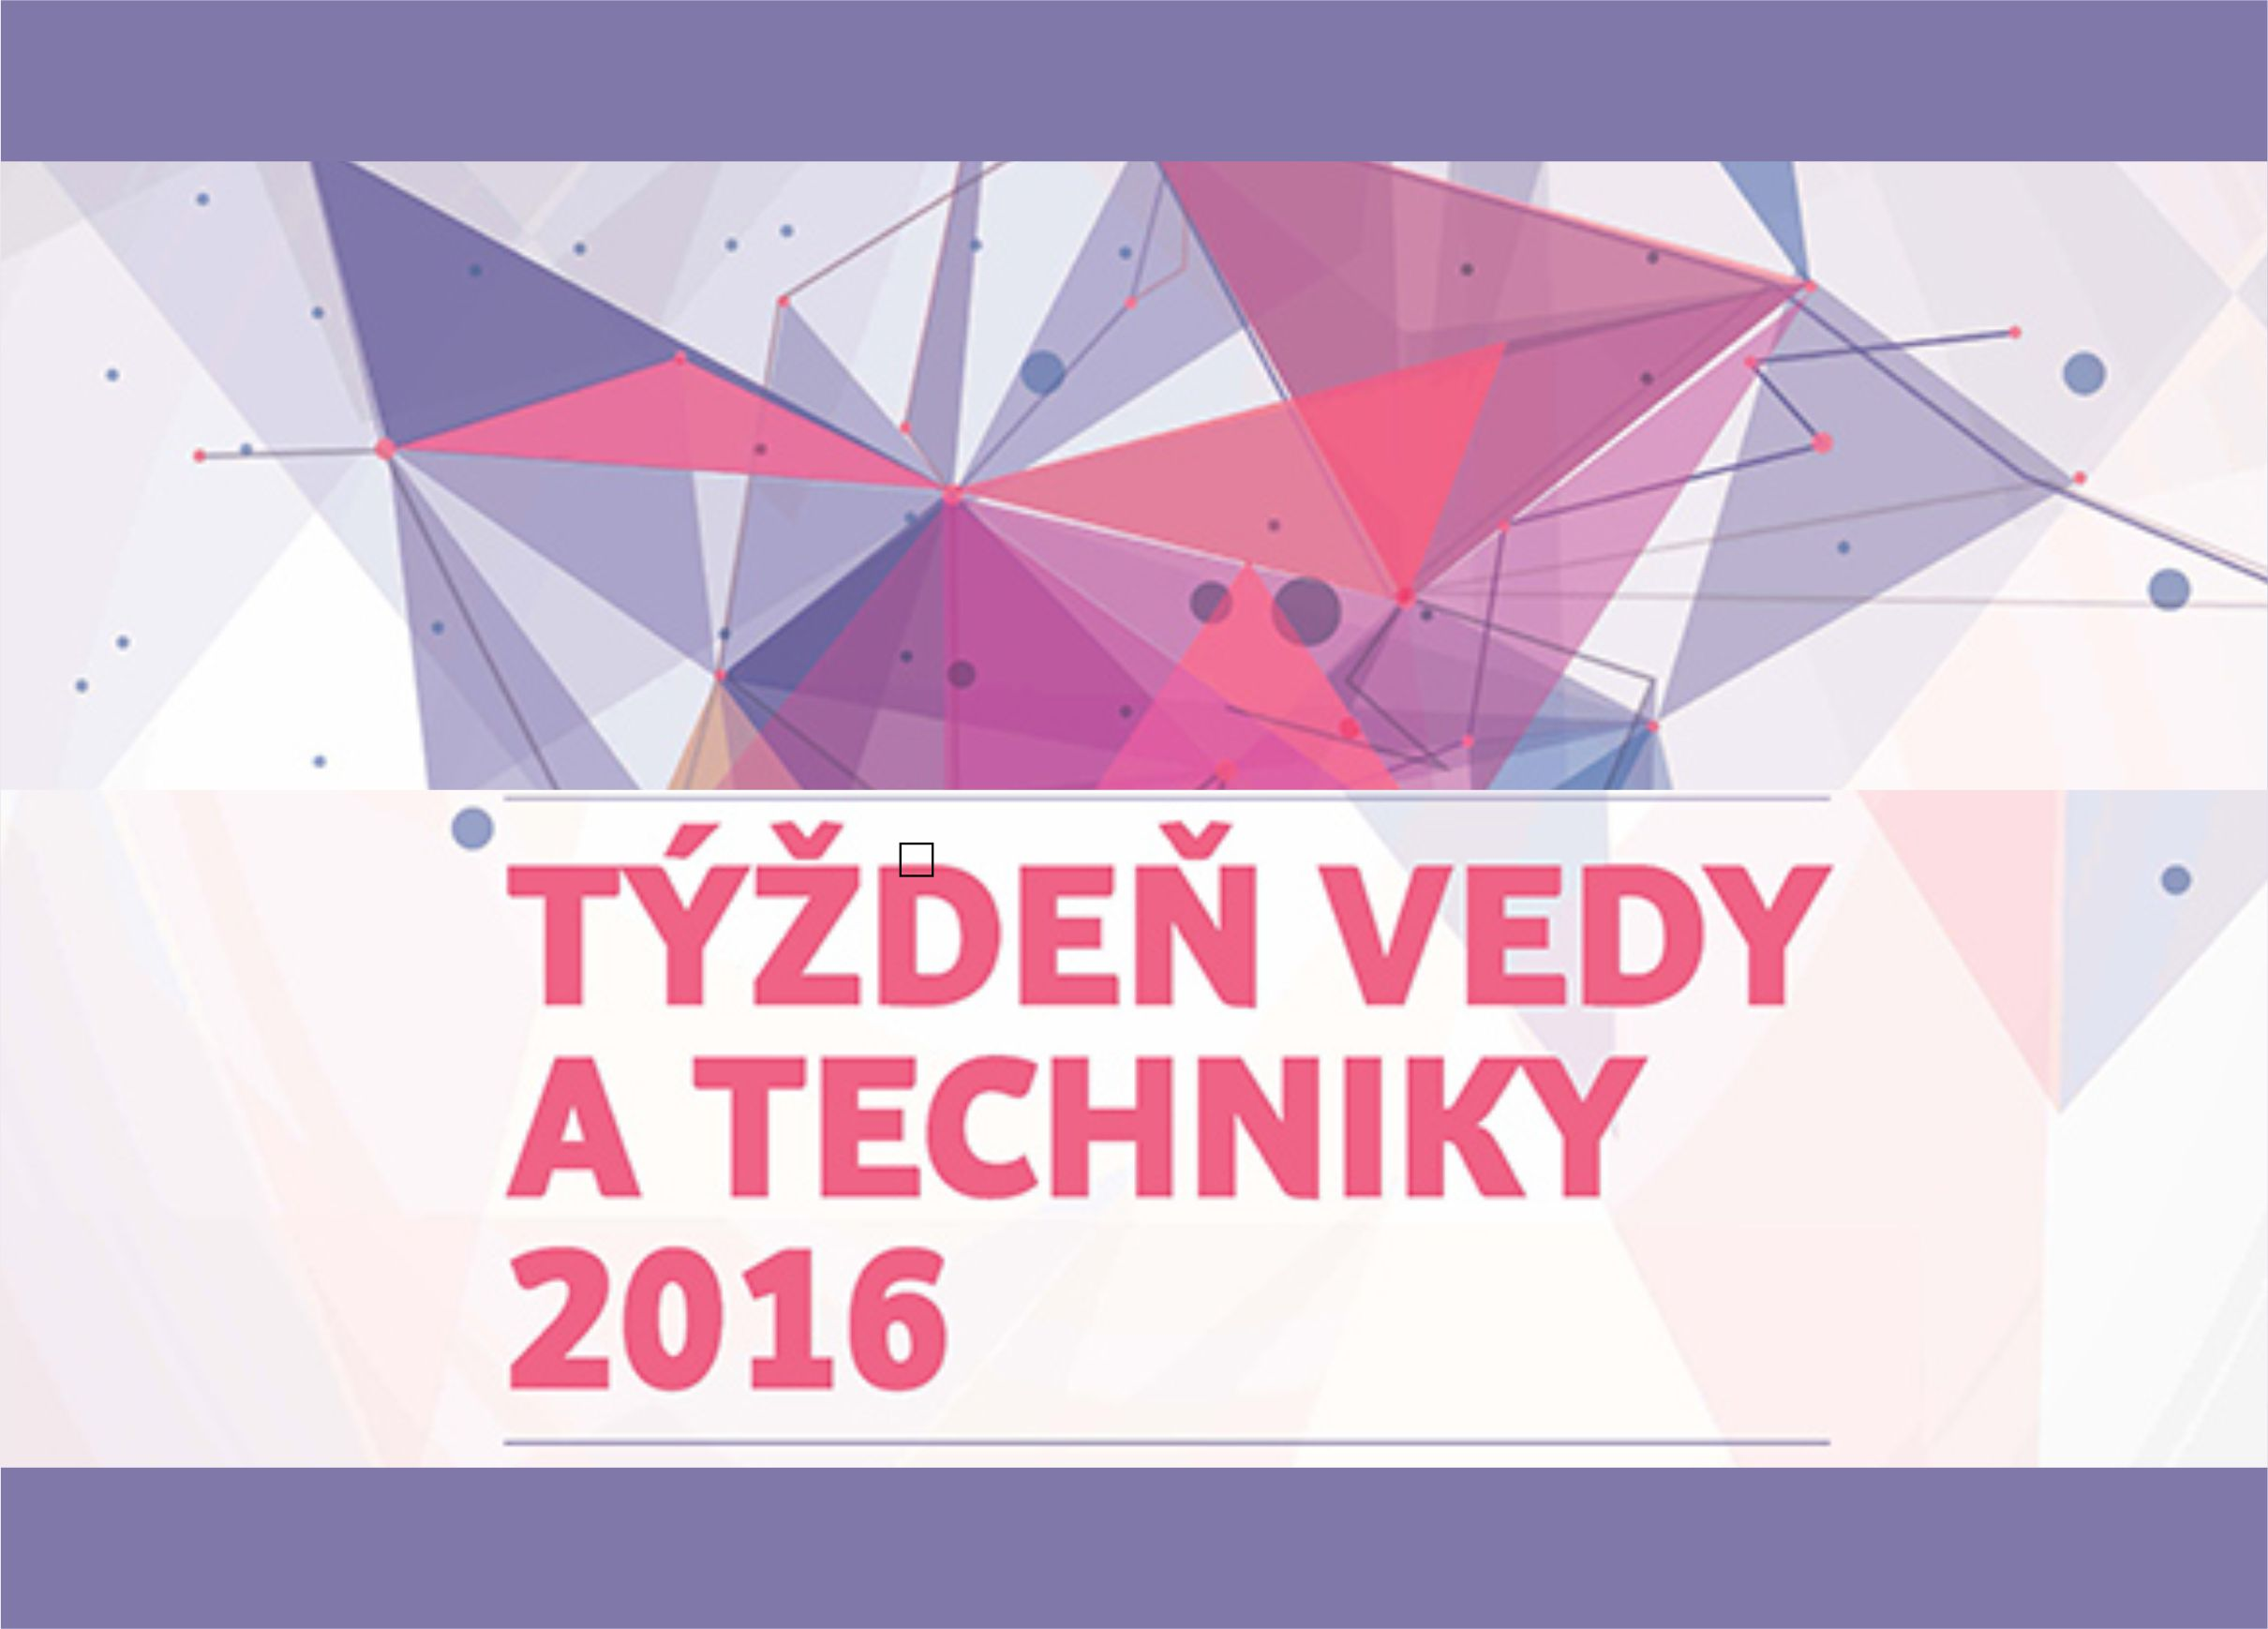 Začal sa Týždeň vedy a techniky na Slovensk - Kam v meste  6c9f5d6fef8